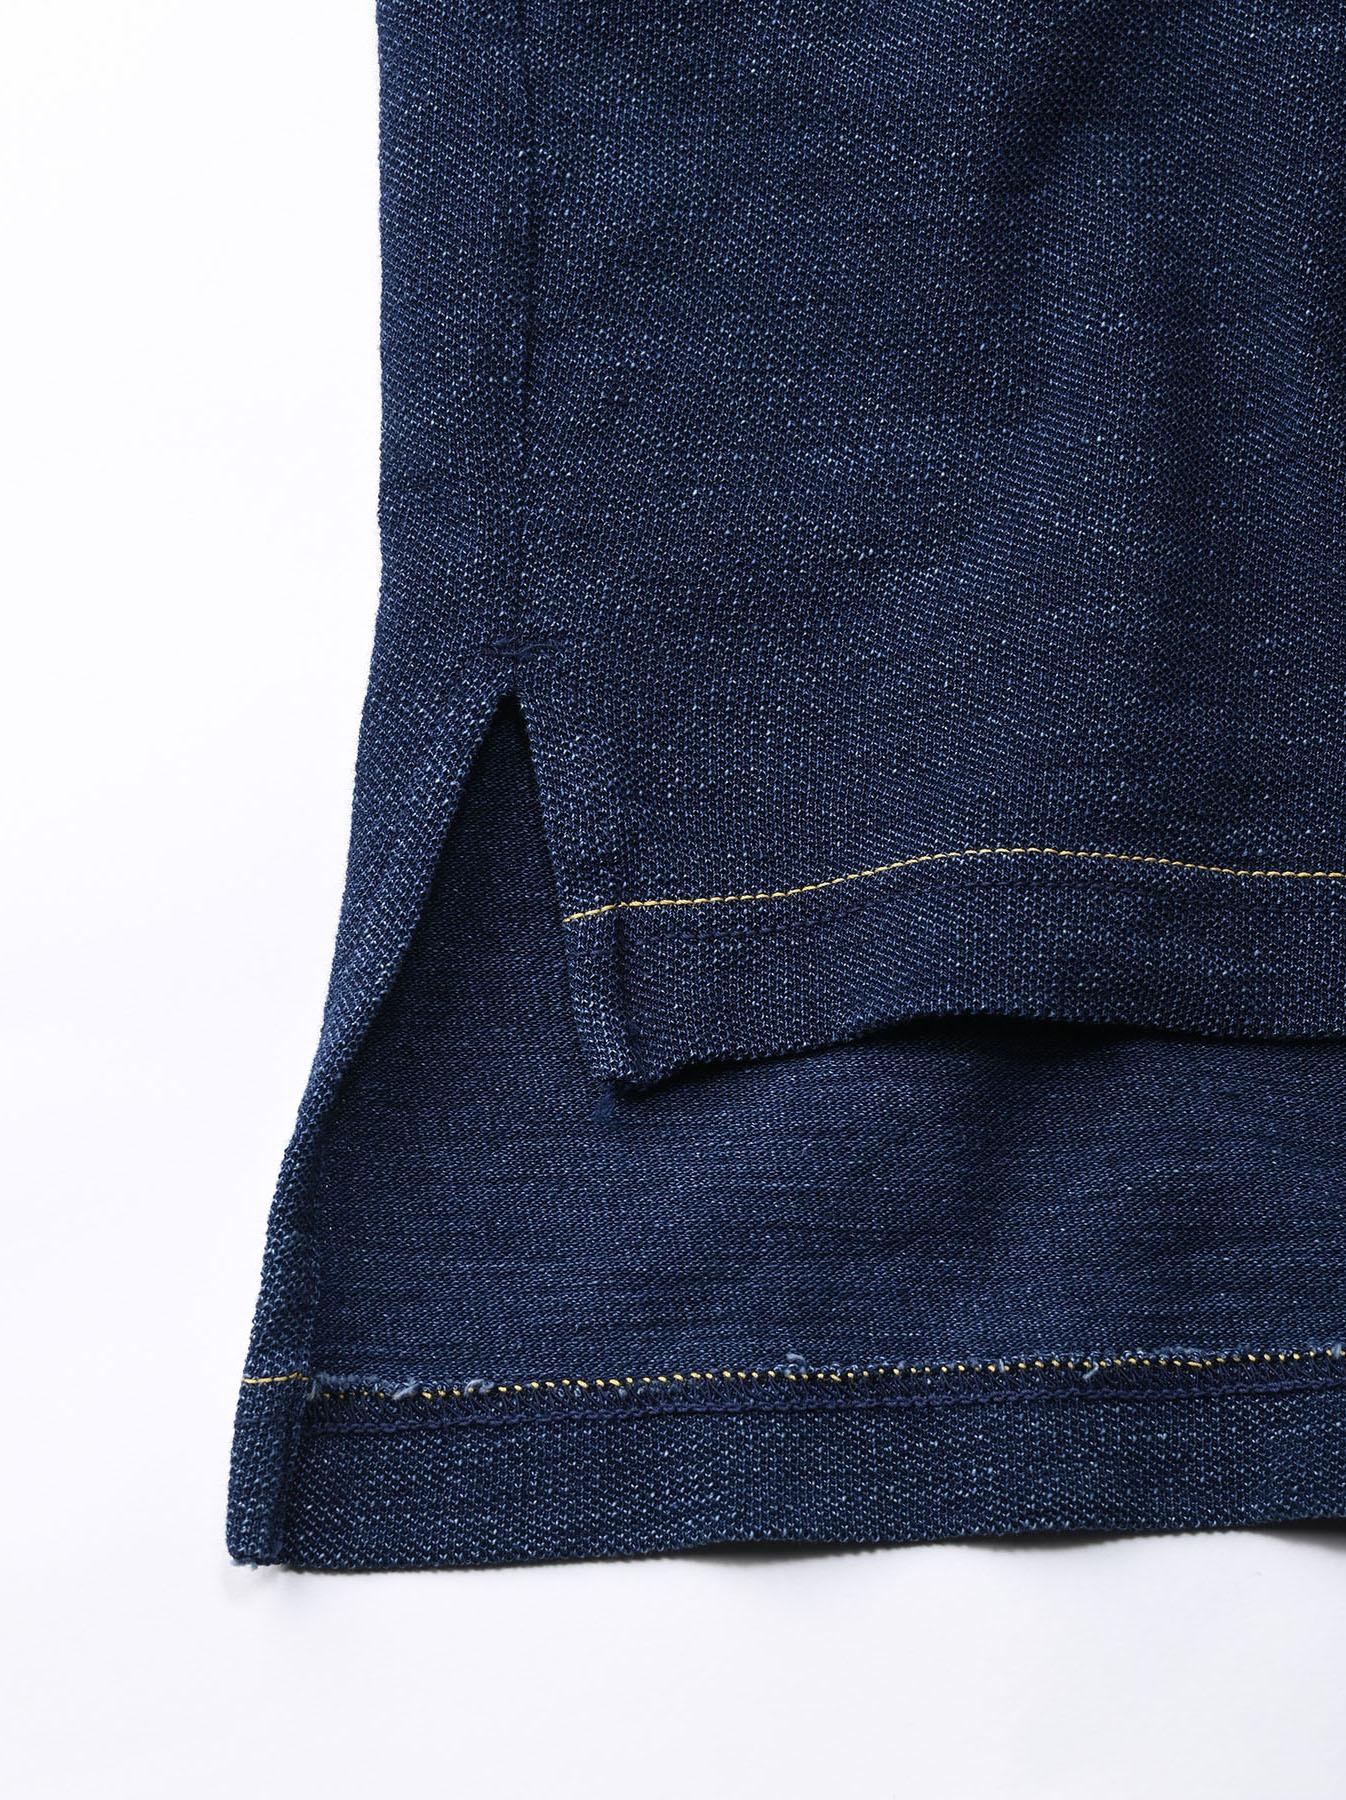 Indigo Kanoko Ocean Shiokaze Short-sleeved Polo Shirt (0521)-11